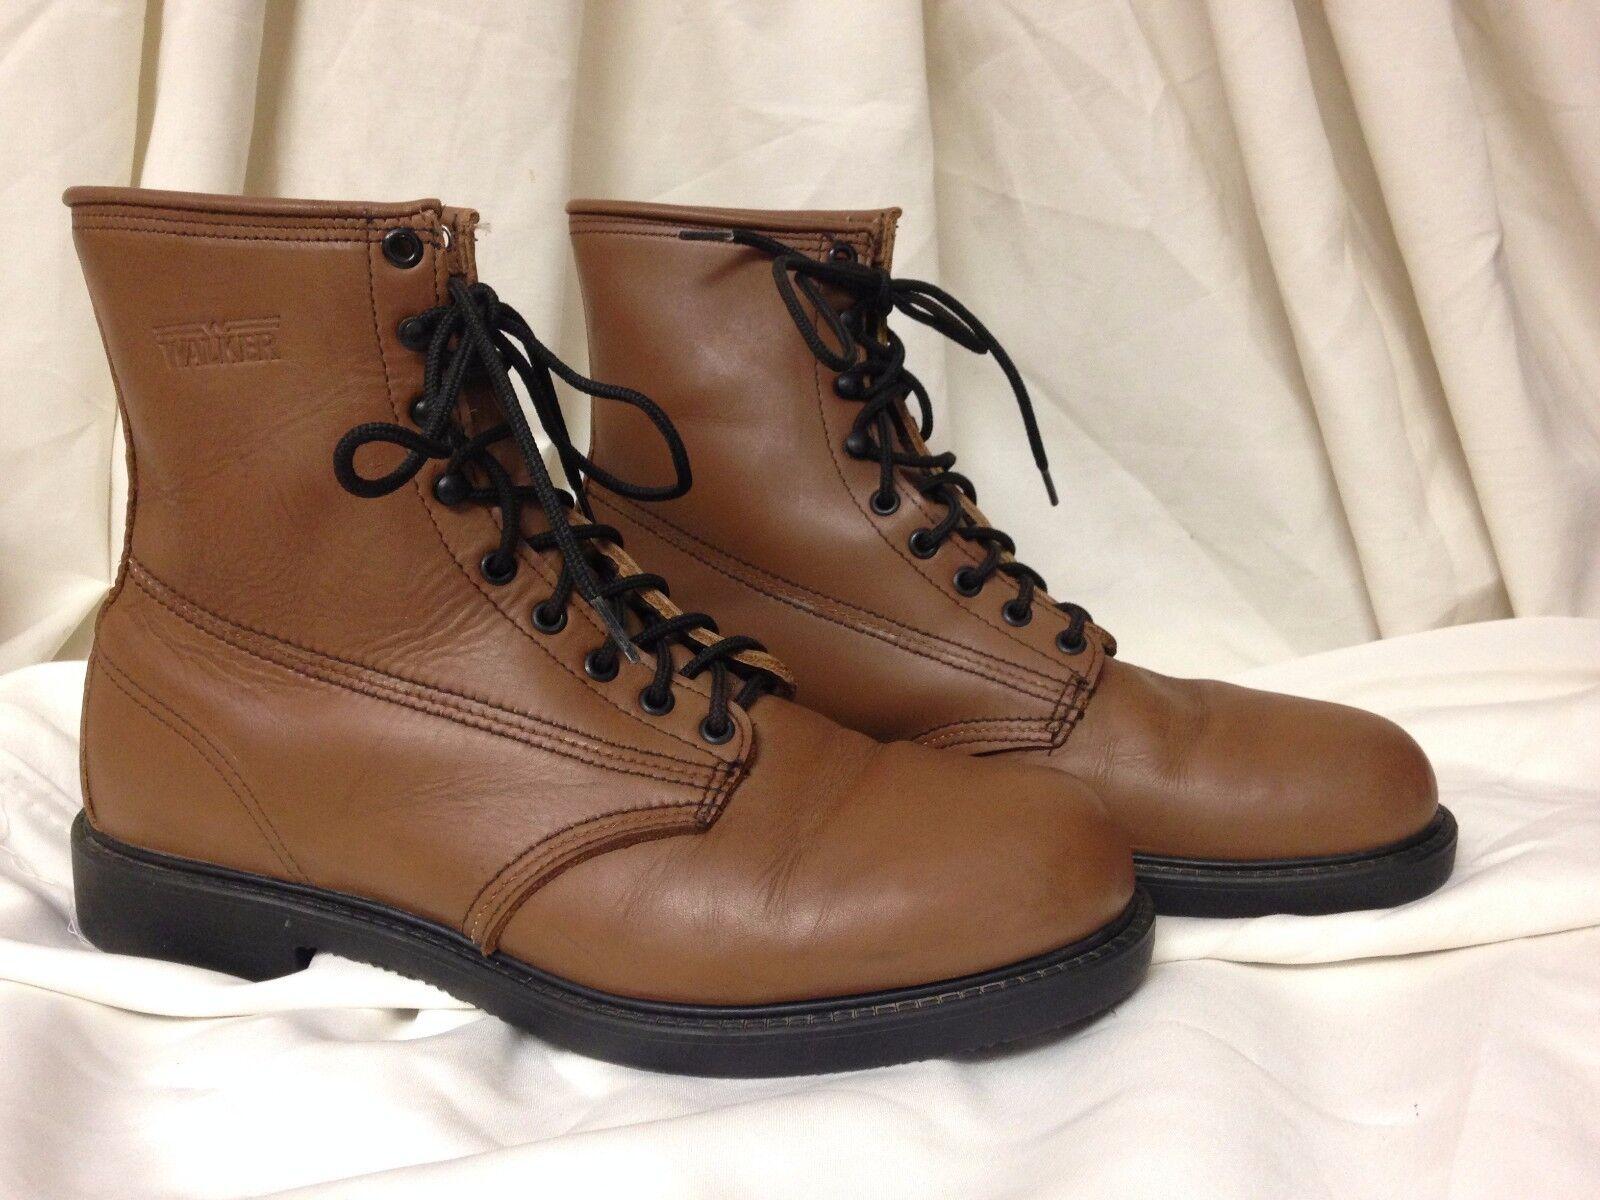 Walker Men's Brown Lace Up Plain Toe Derby Boots - Size US 11